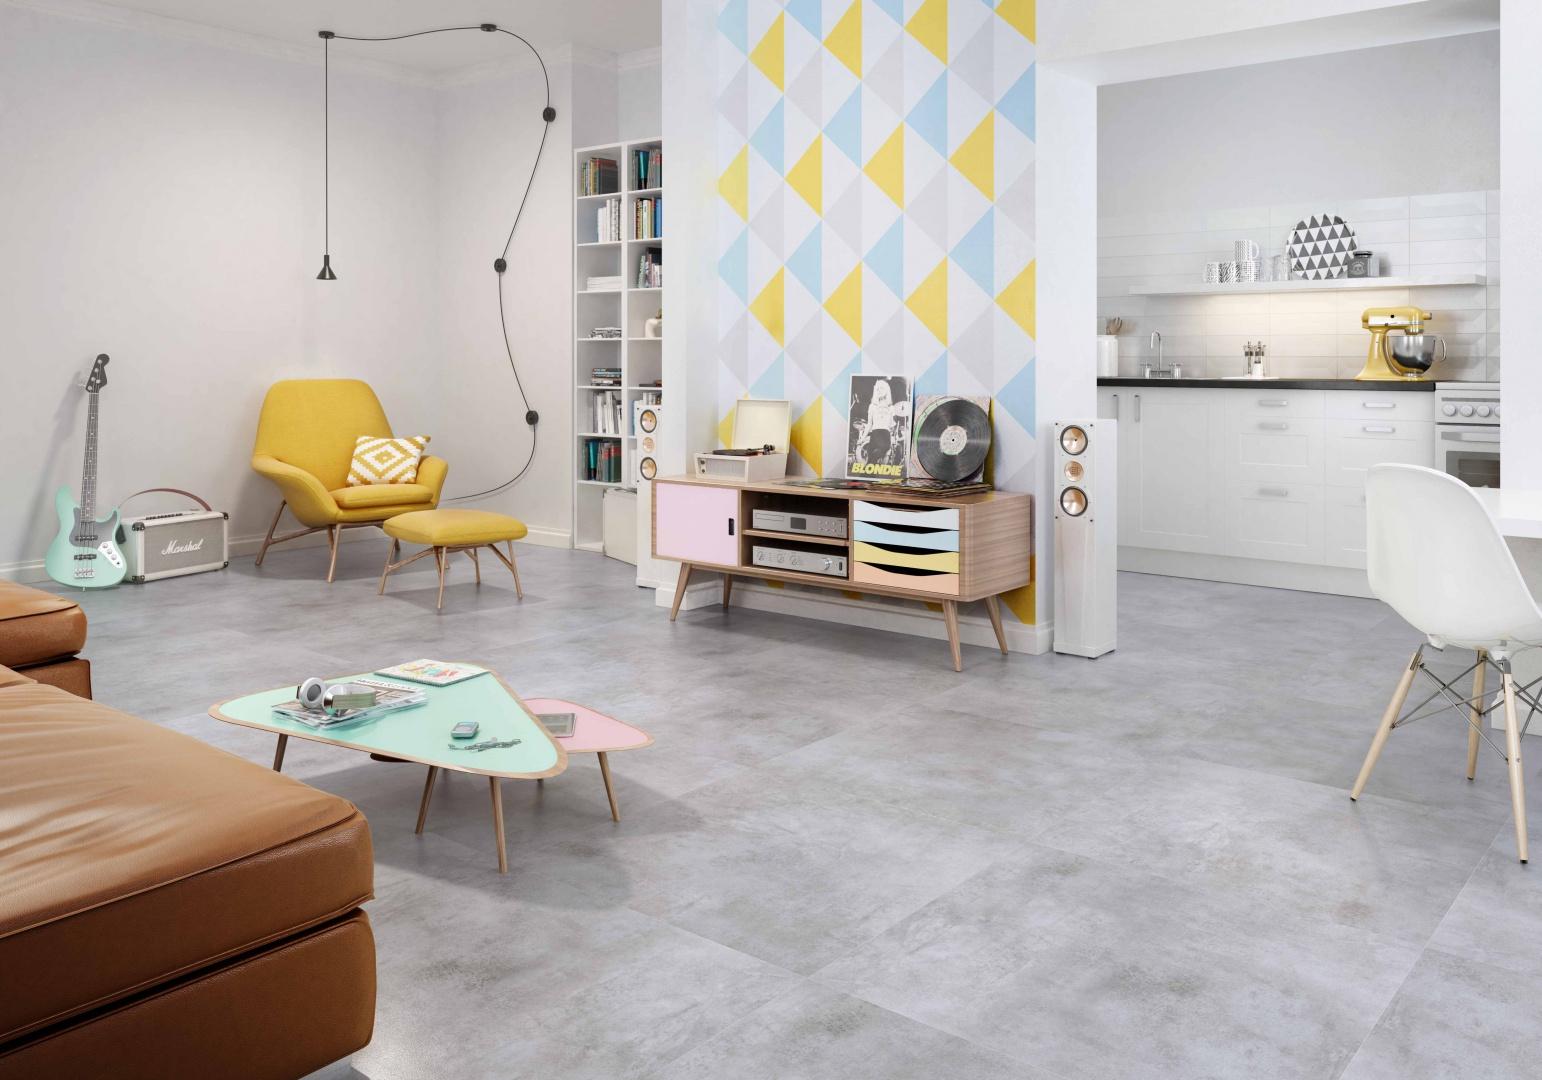 Kolekcja gresu SCRATCH (75x75 i 75x24,7 cm) strukturą i kolorem przypomina beton, wzbogacona o efektowne dekoracje w kształcie heksagonów; w pięciu odcieniach. 116,85 zł/m² (75x75 cm), 104,55 zł/m² (75x24,7 cm), 59,66 zł/szt. (heksagony). Fot. Ceramika Paradyż